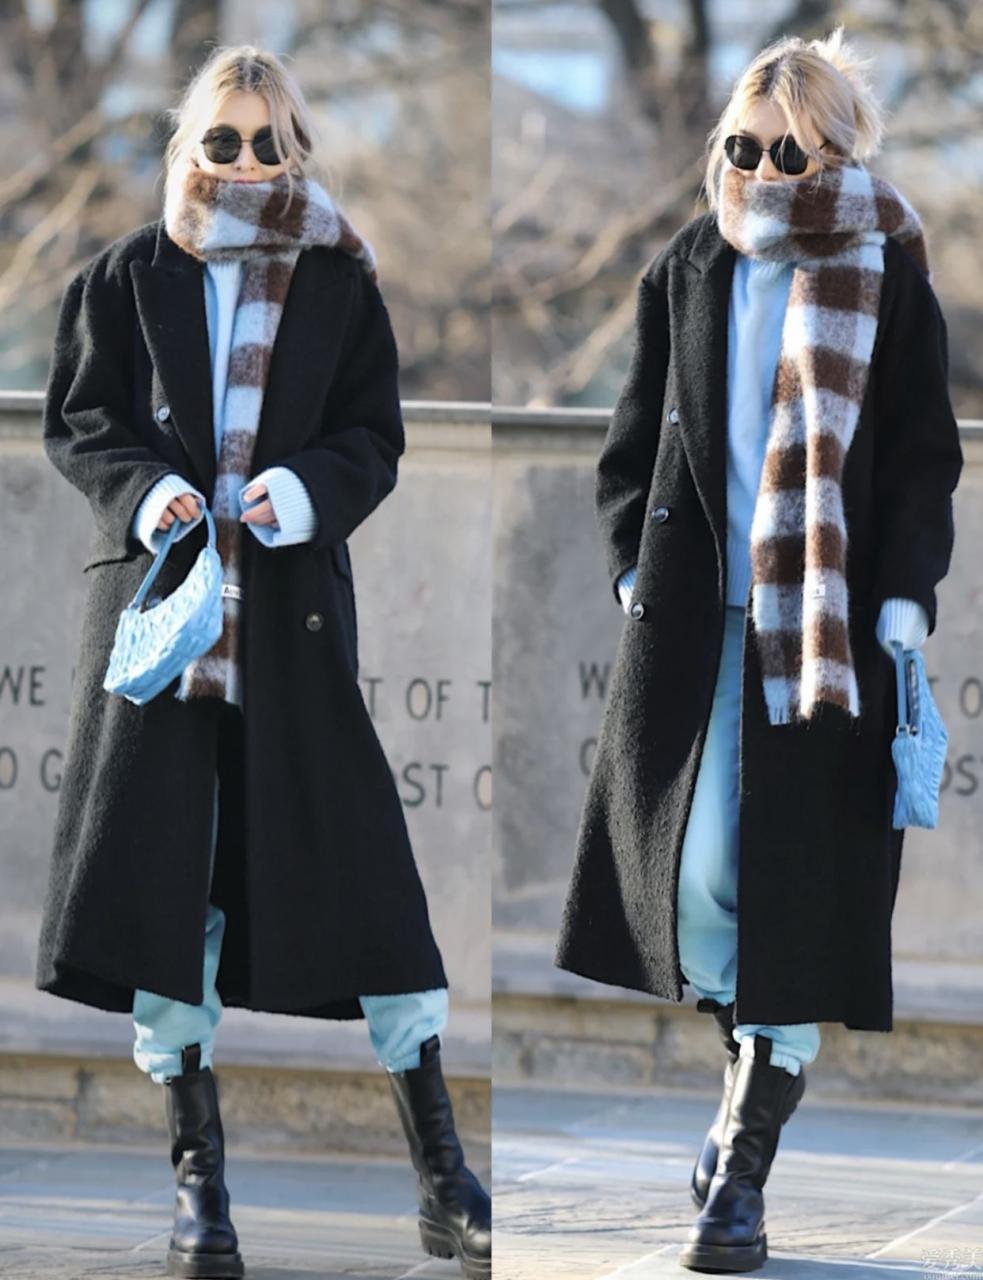 氣質時髦配搭cp:圍巾+大衣,雅致高級又防寒保暖,時髦精都愛